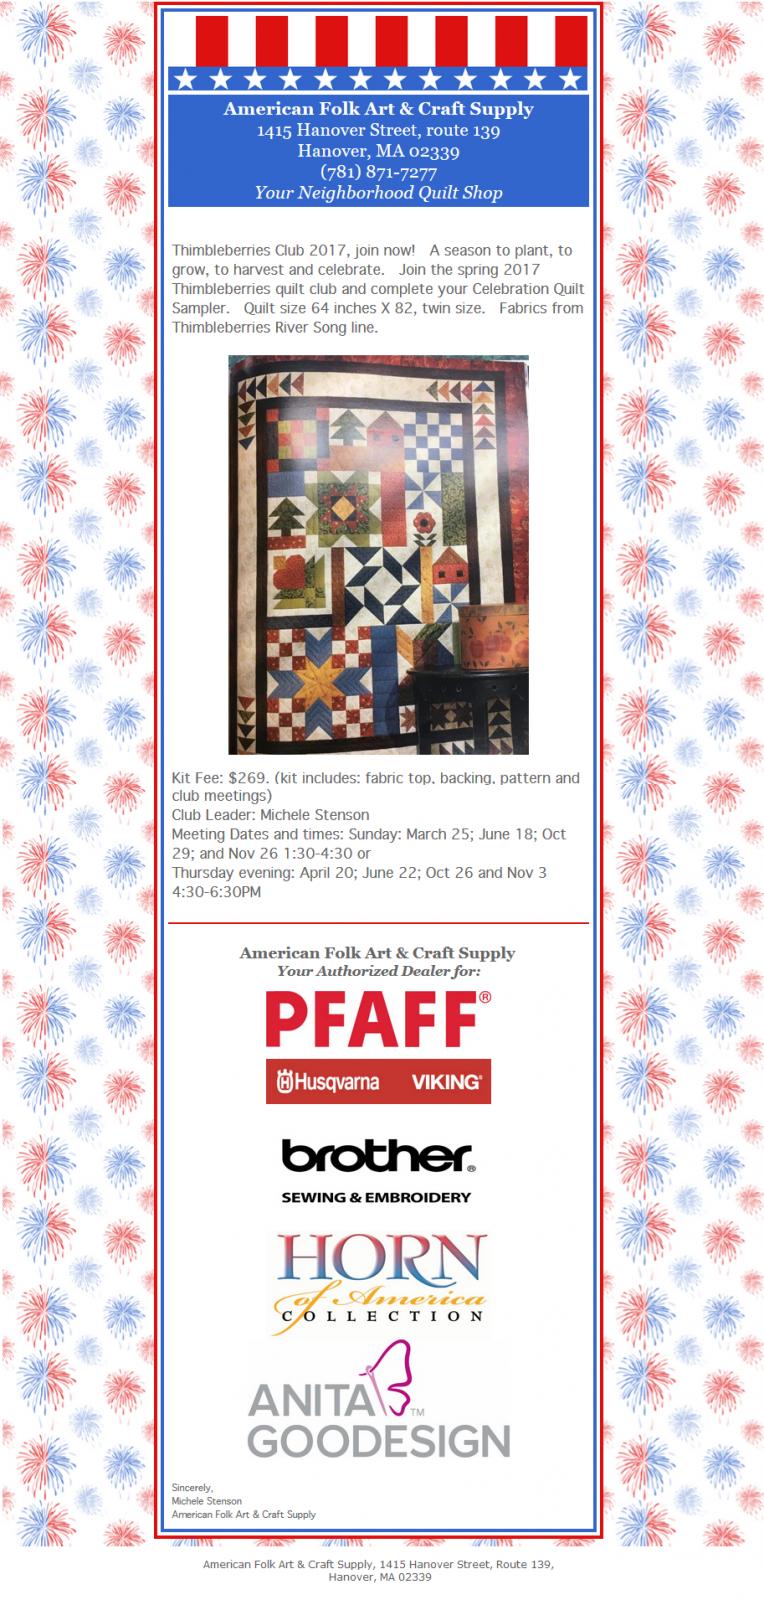 American Folk Art Craft Supply Hanover